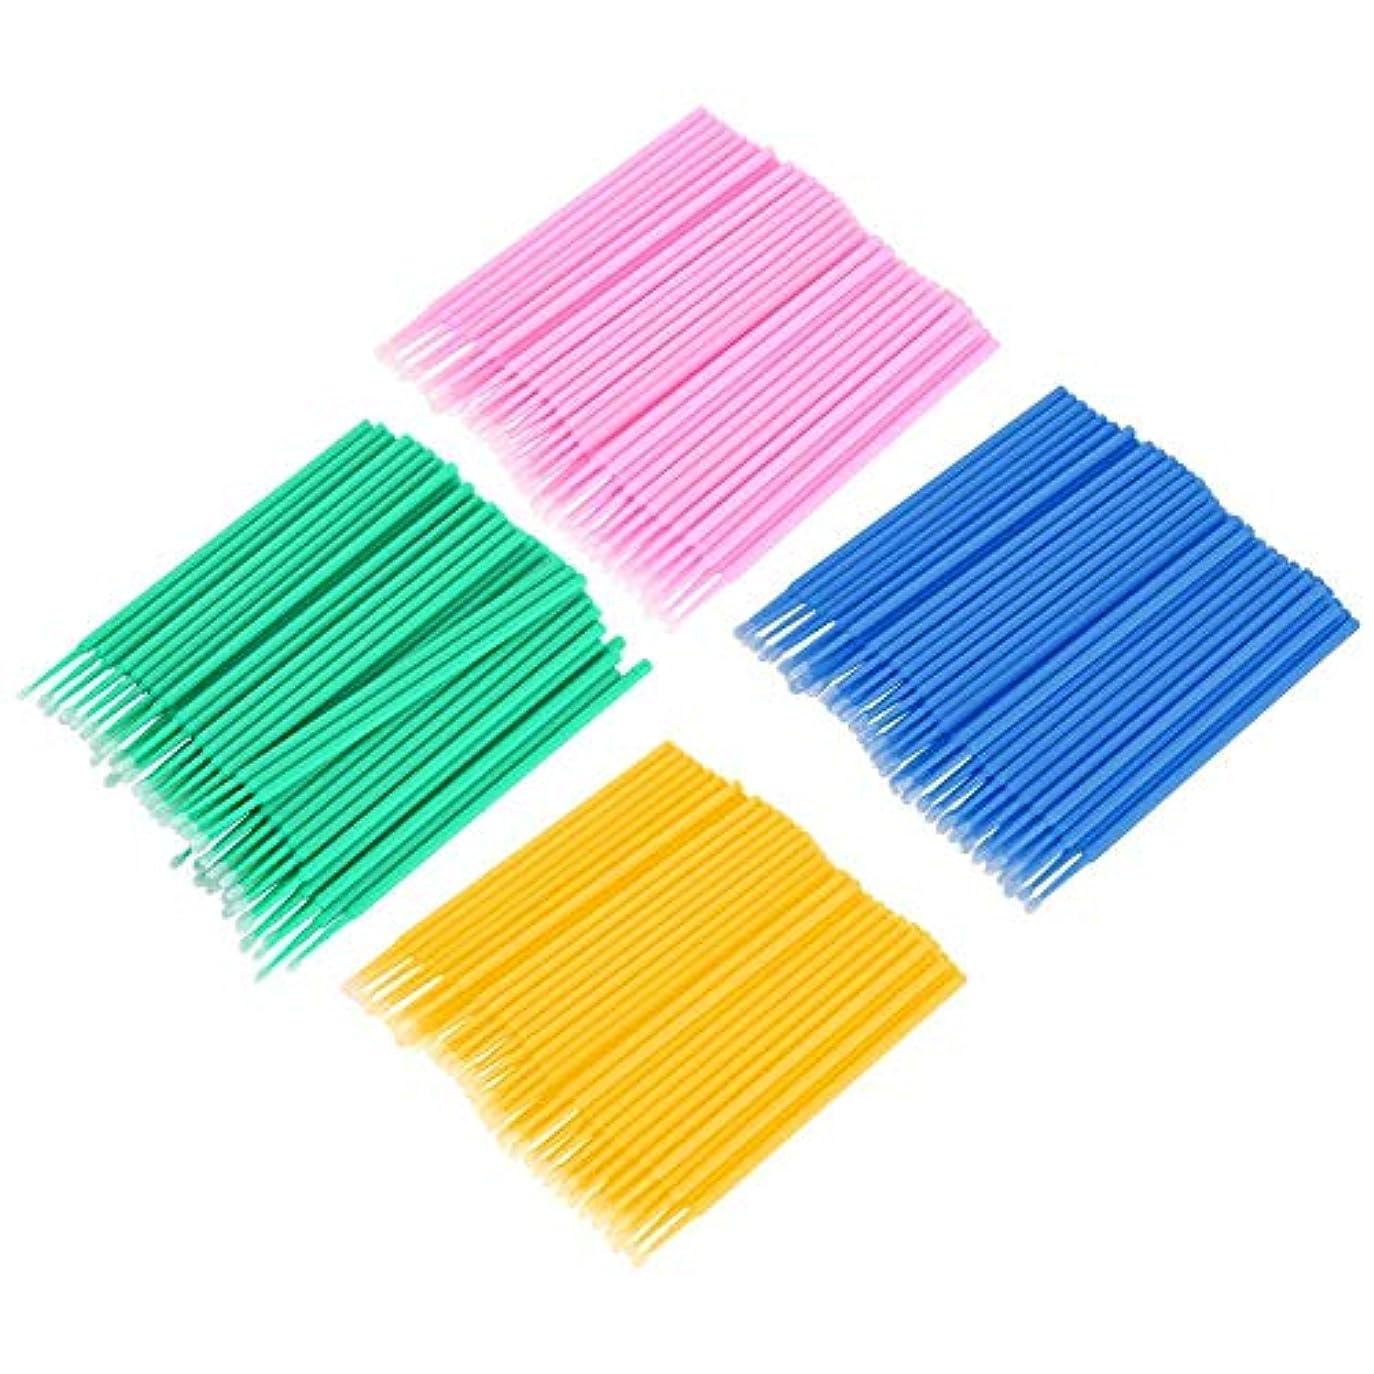 奨学金毎週あえぎSemmeコットン綿棒、まつげリムーバーまたはプライマーコットンスティック400個使い捨てコットンスティックまつげクリーニングスティックマイクロブラシ綿棒まつげライト